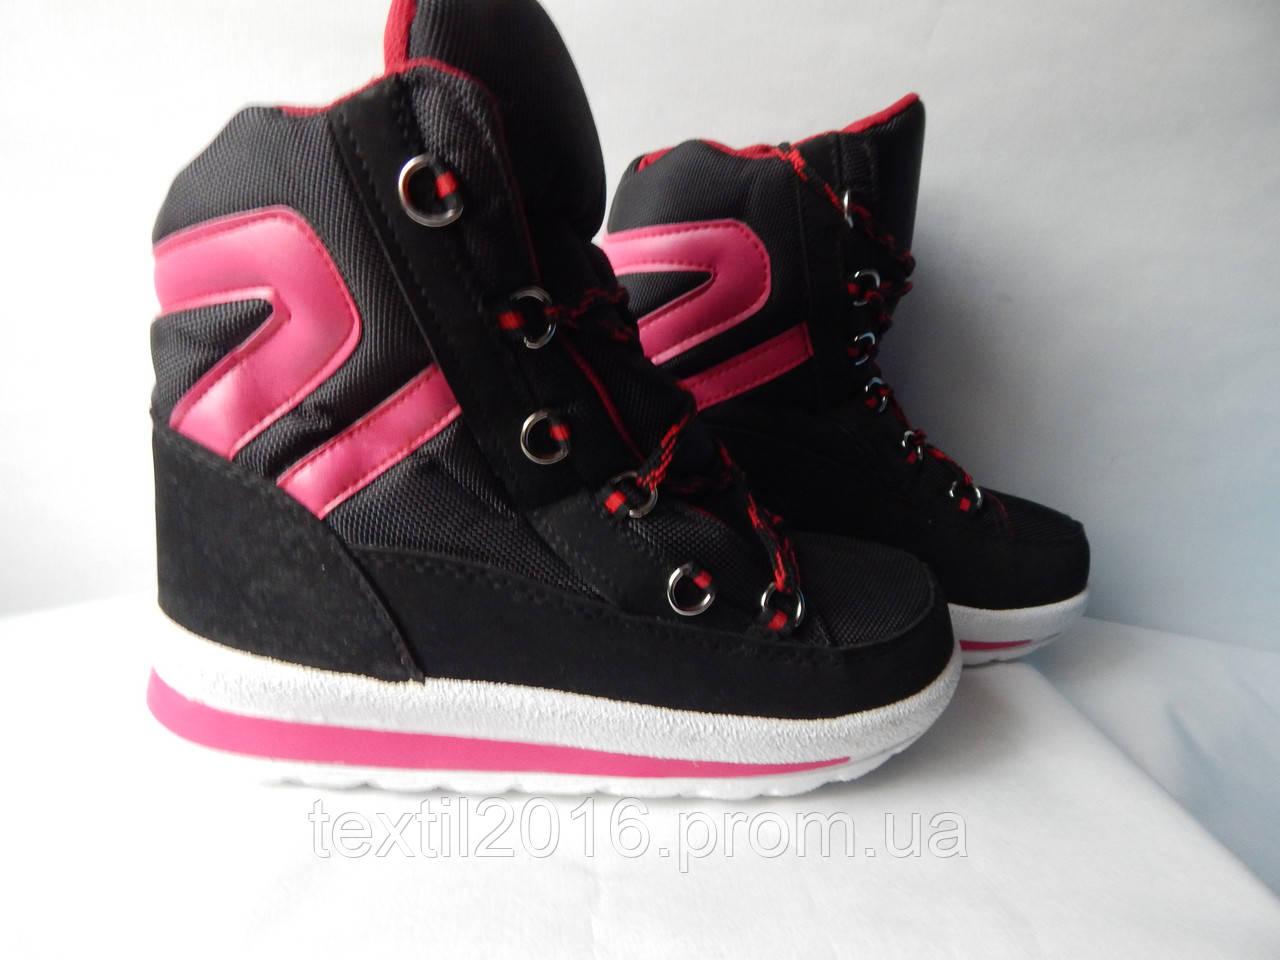 214bd29ca Женские молодежные кроссовки 37 р. зимние - Интернет магазин